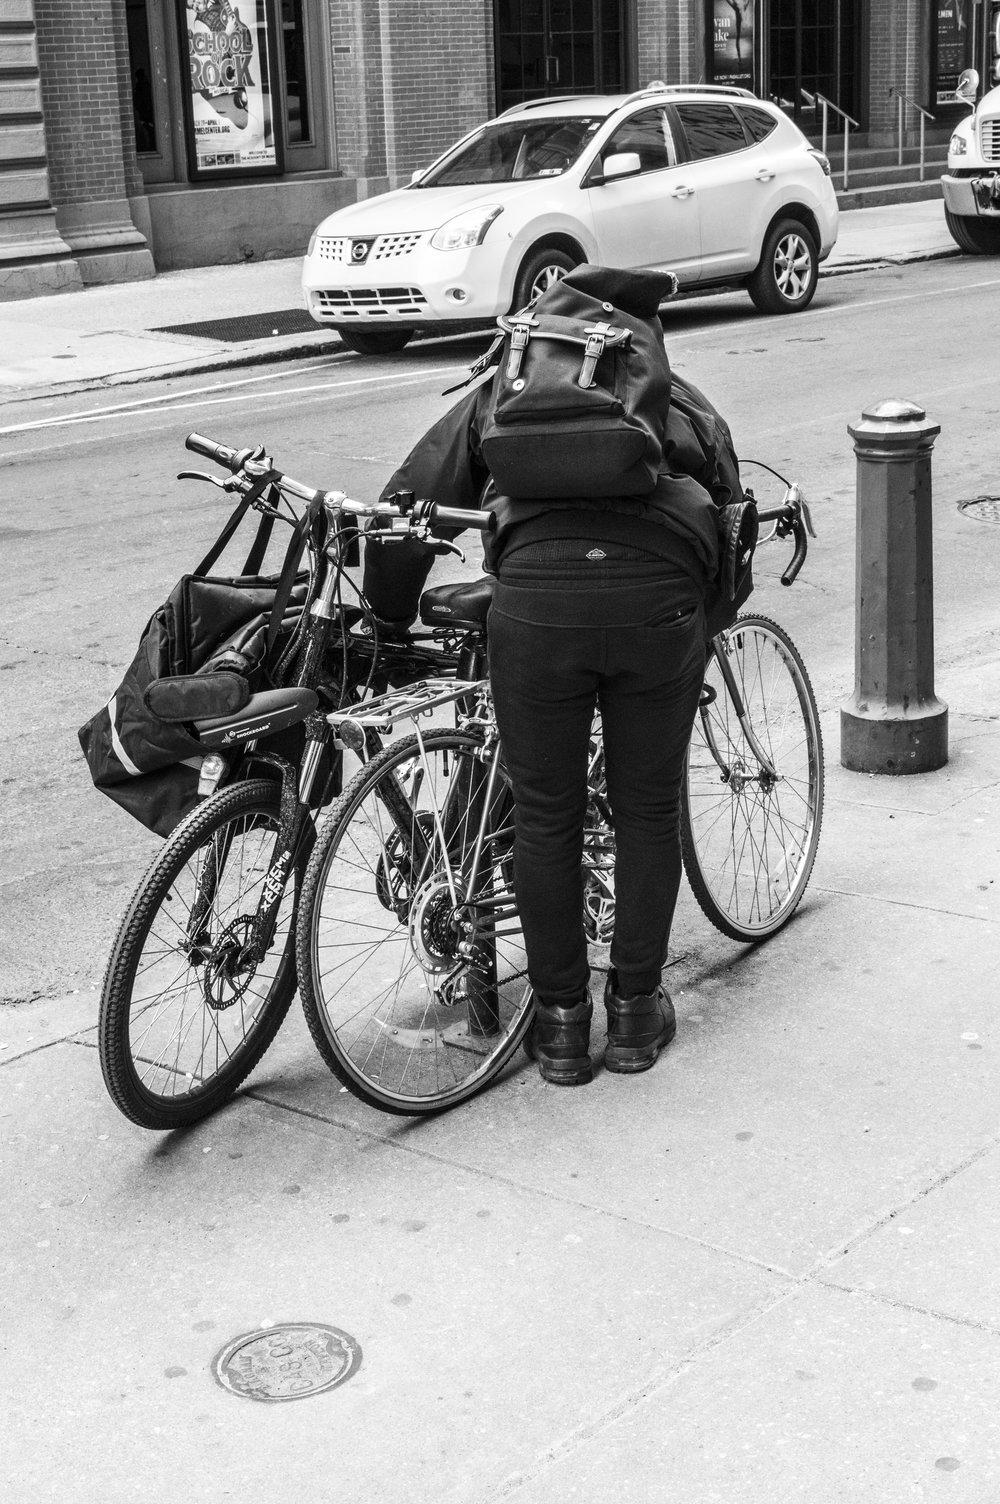 guylocking bike-philly-matthew zepp.jpg